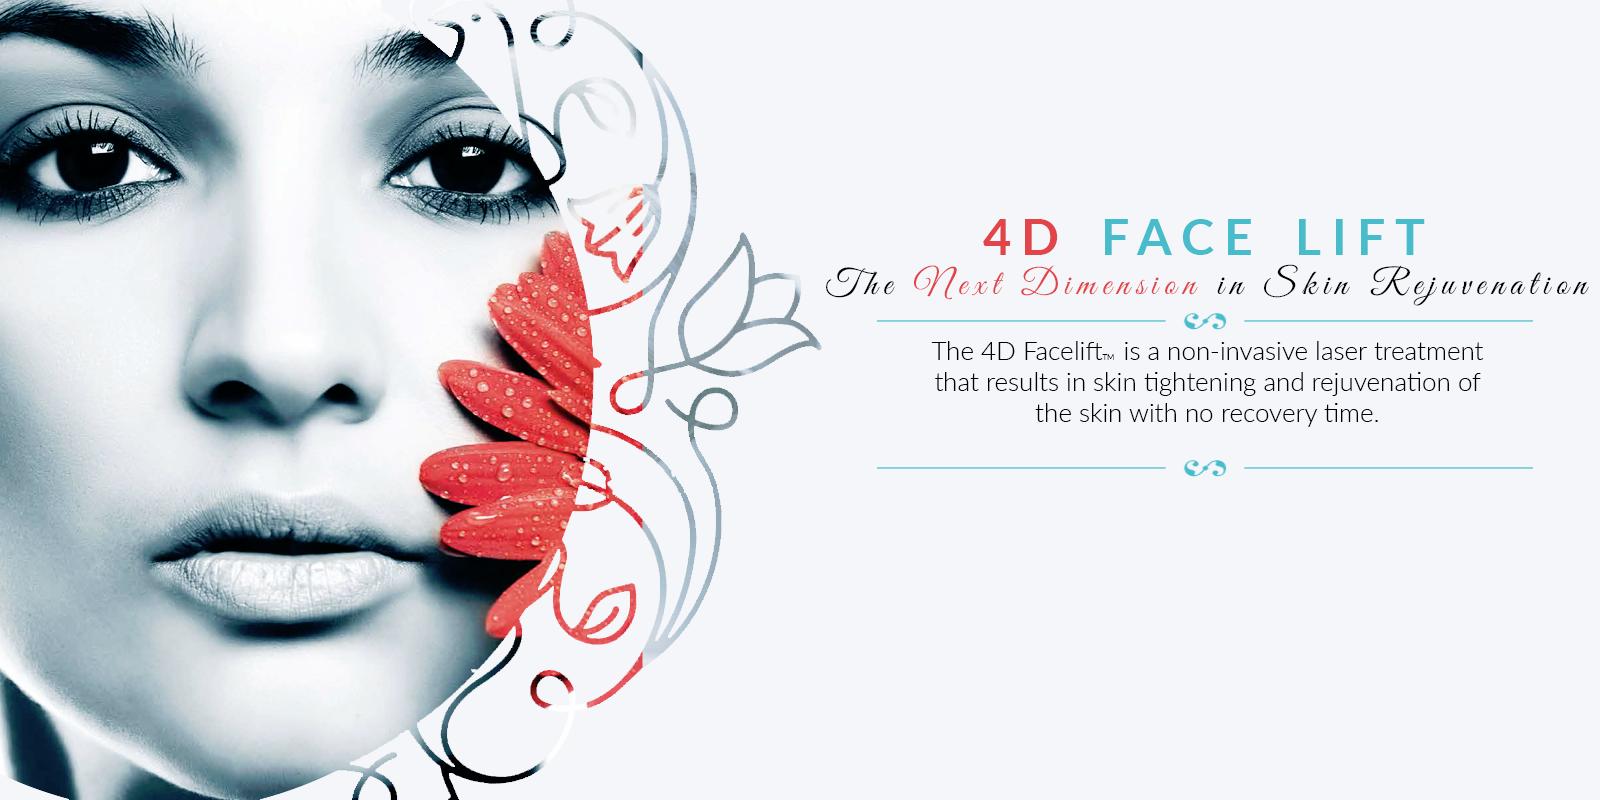 4D-face-lift